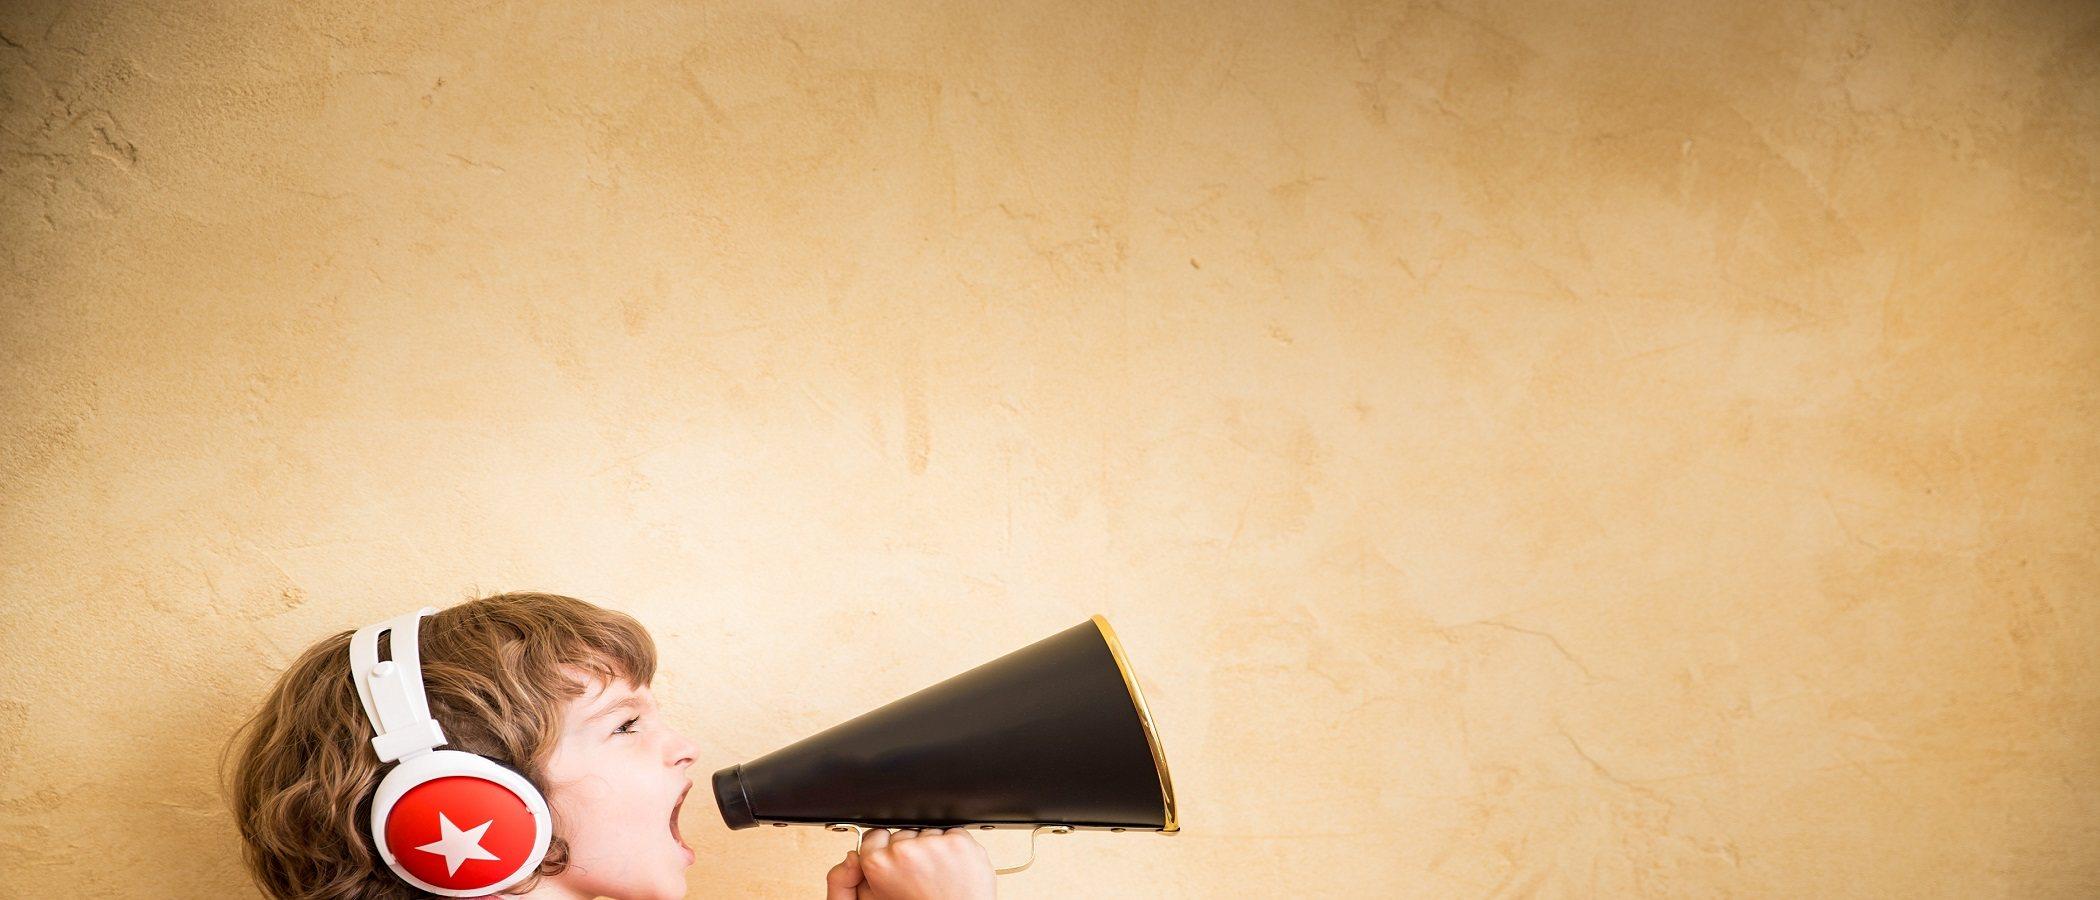 Enseña a que tus hijos dejen de jugar a gritos